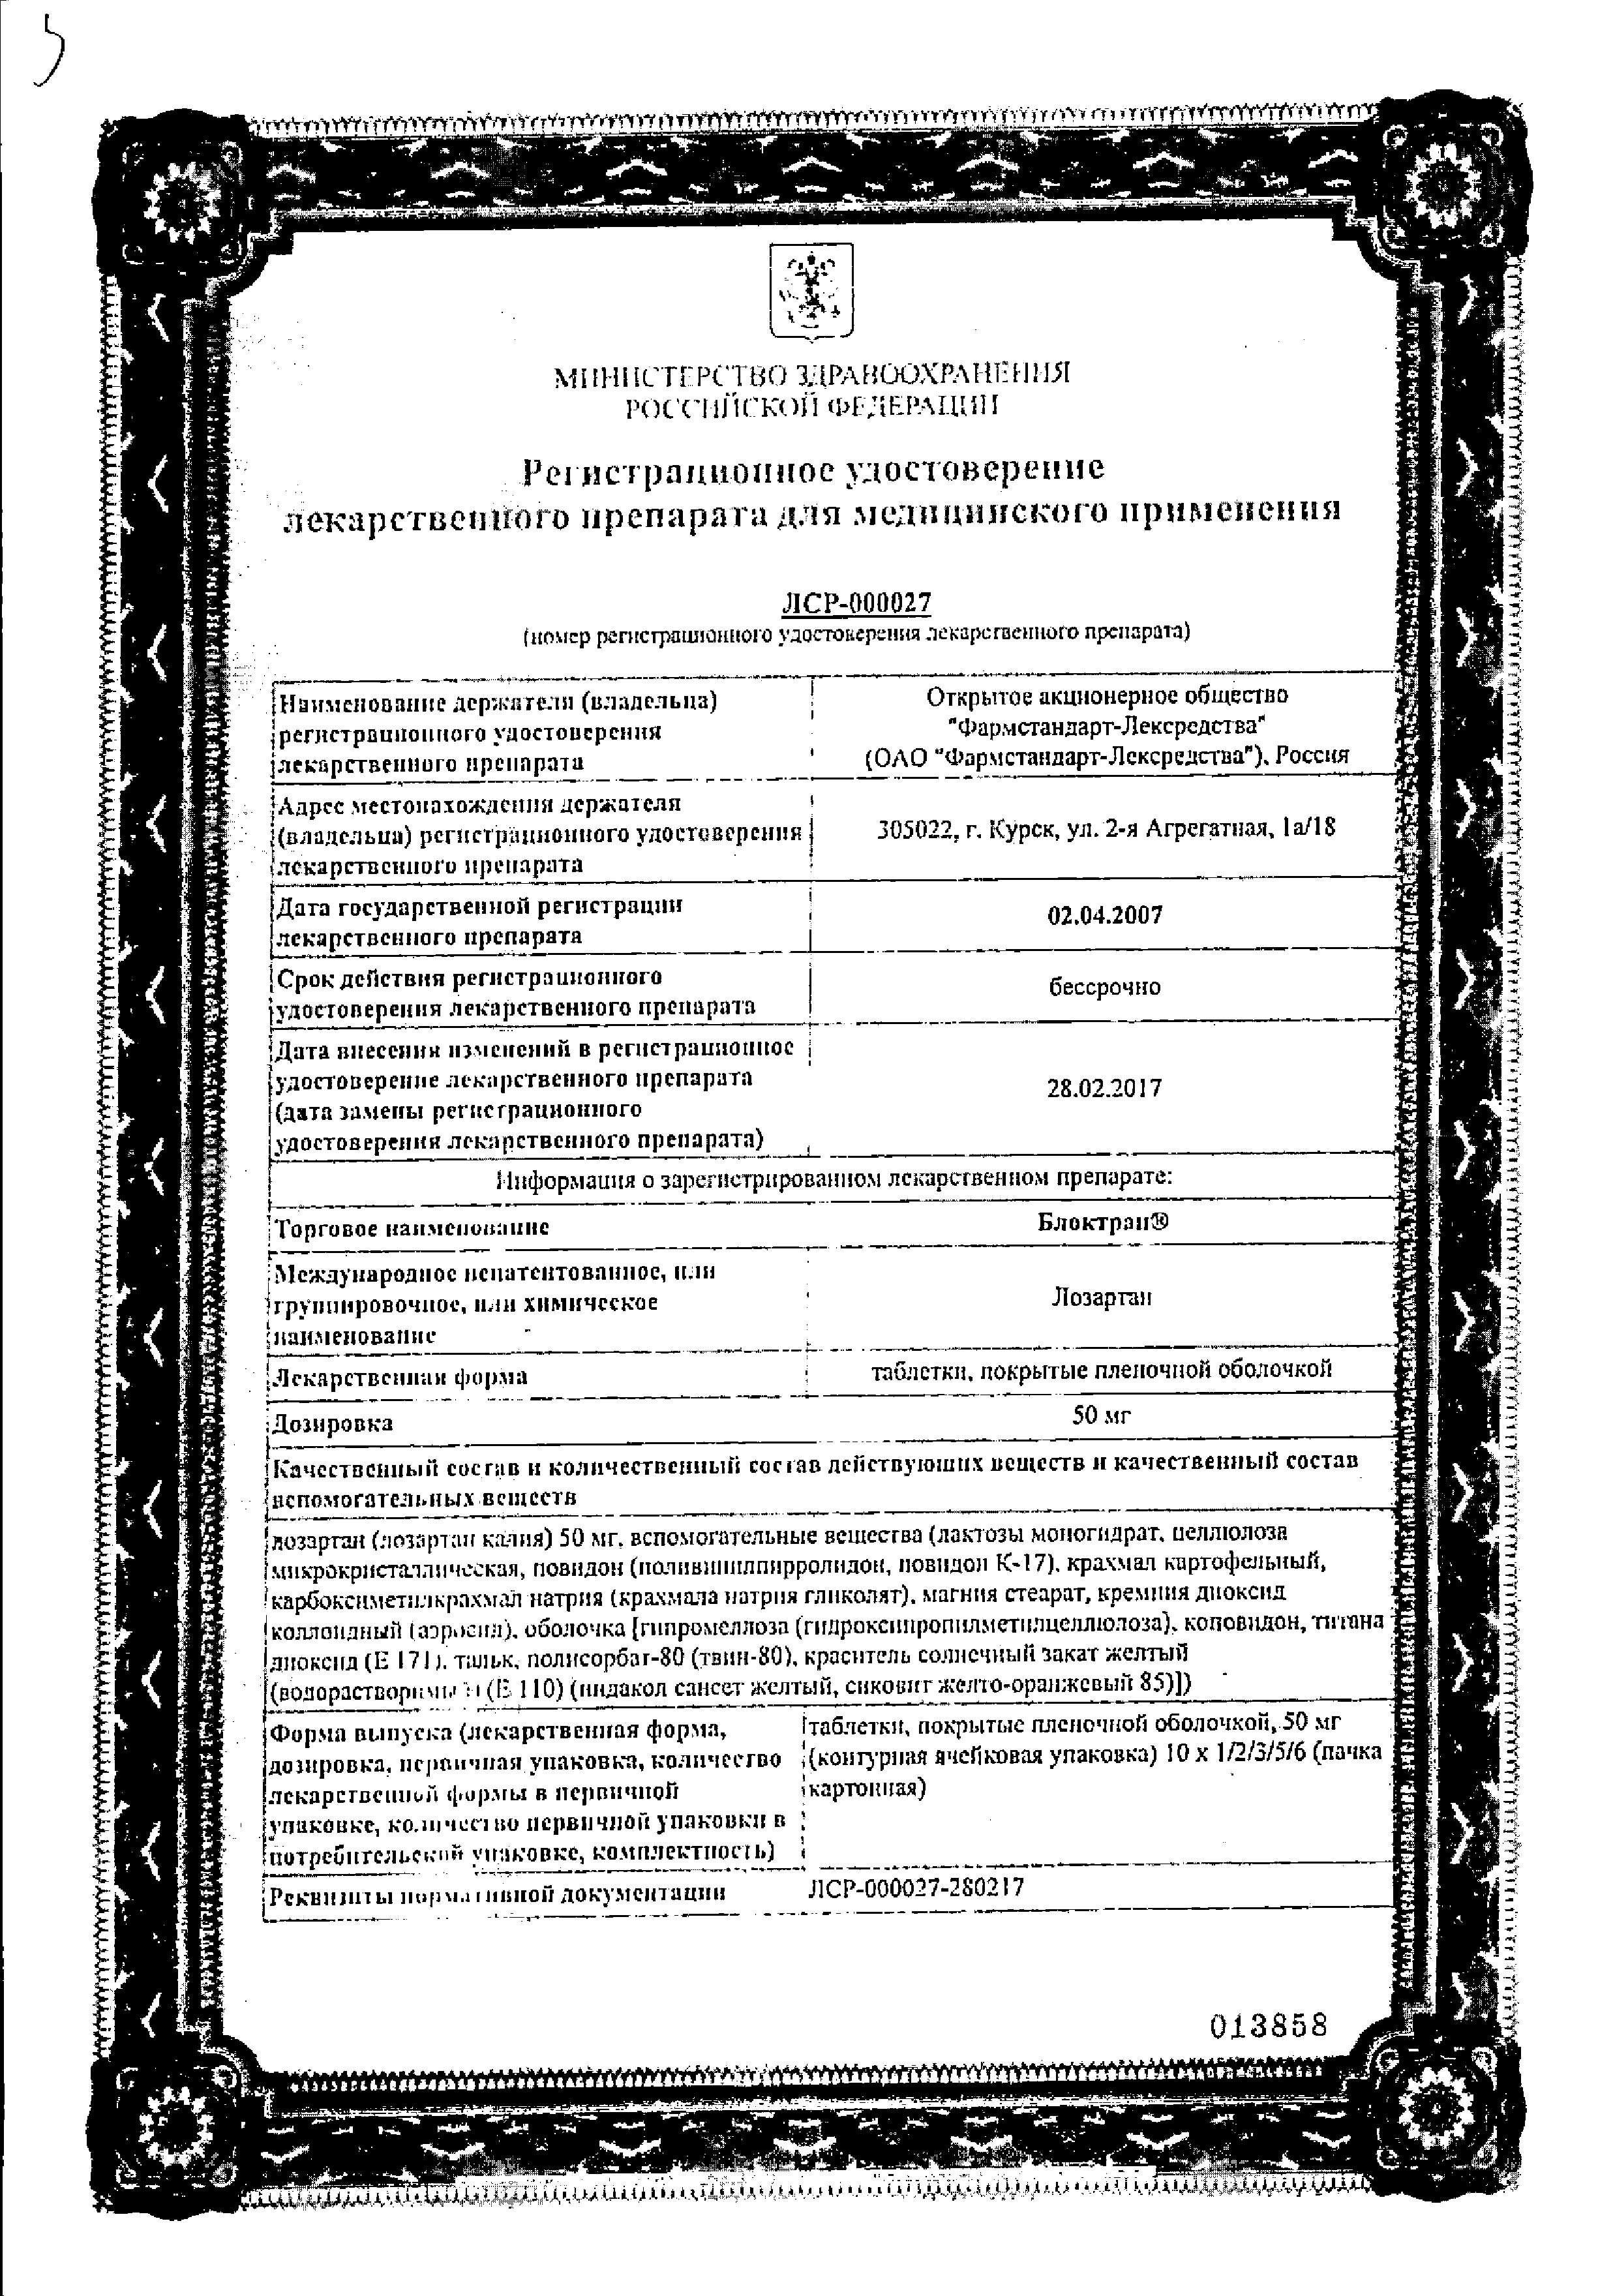 Блоктран сертификат